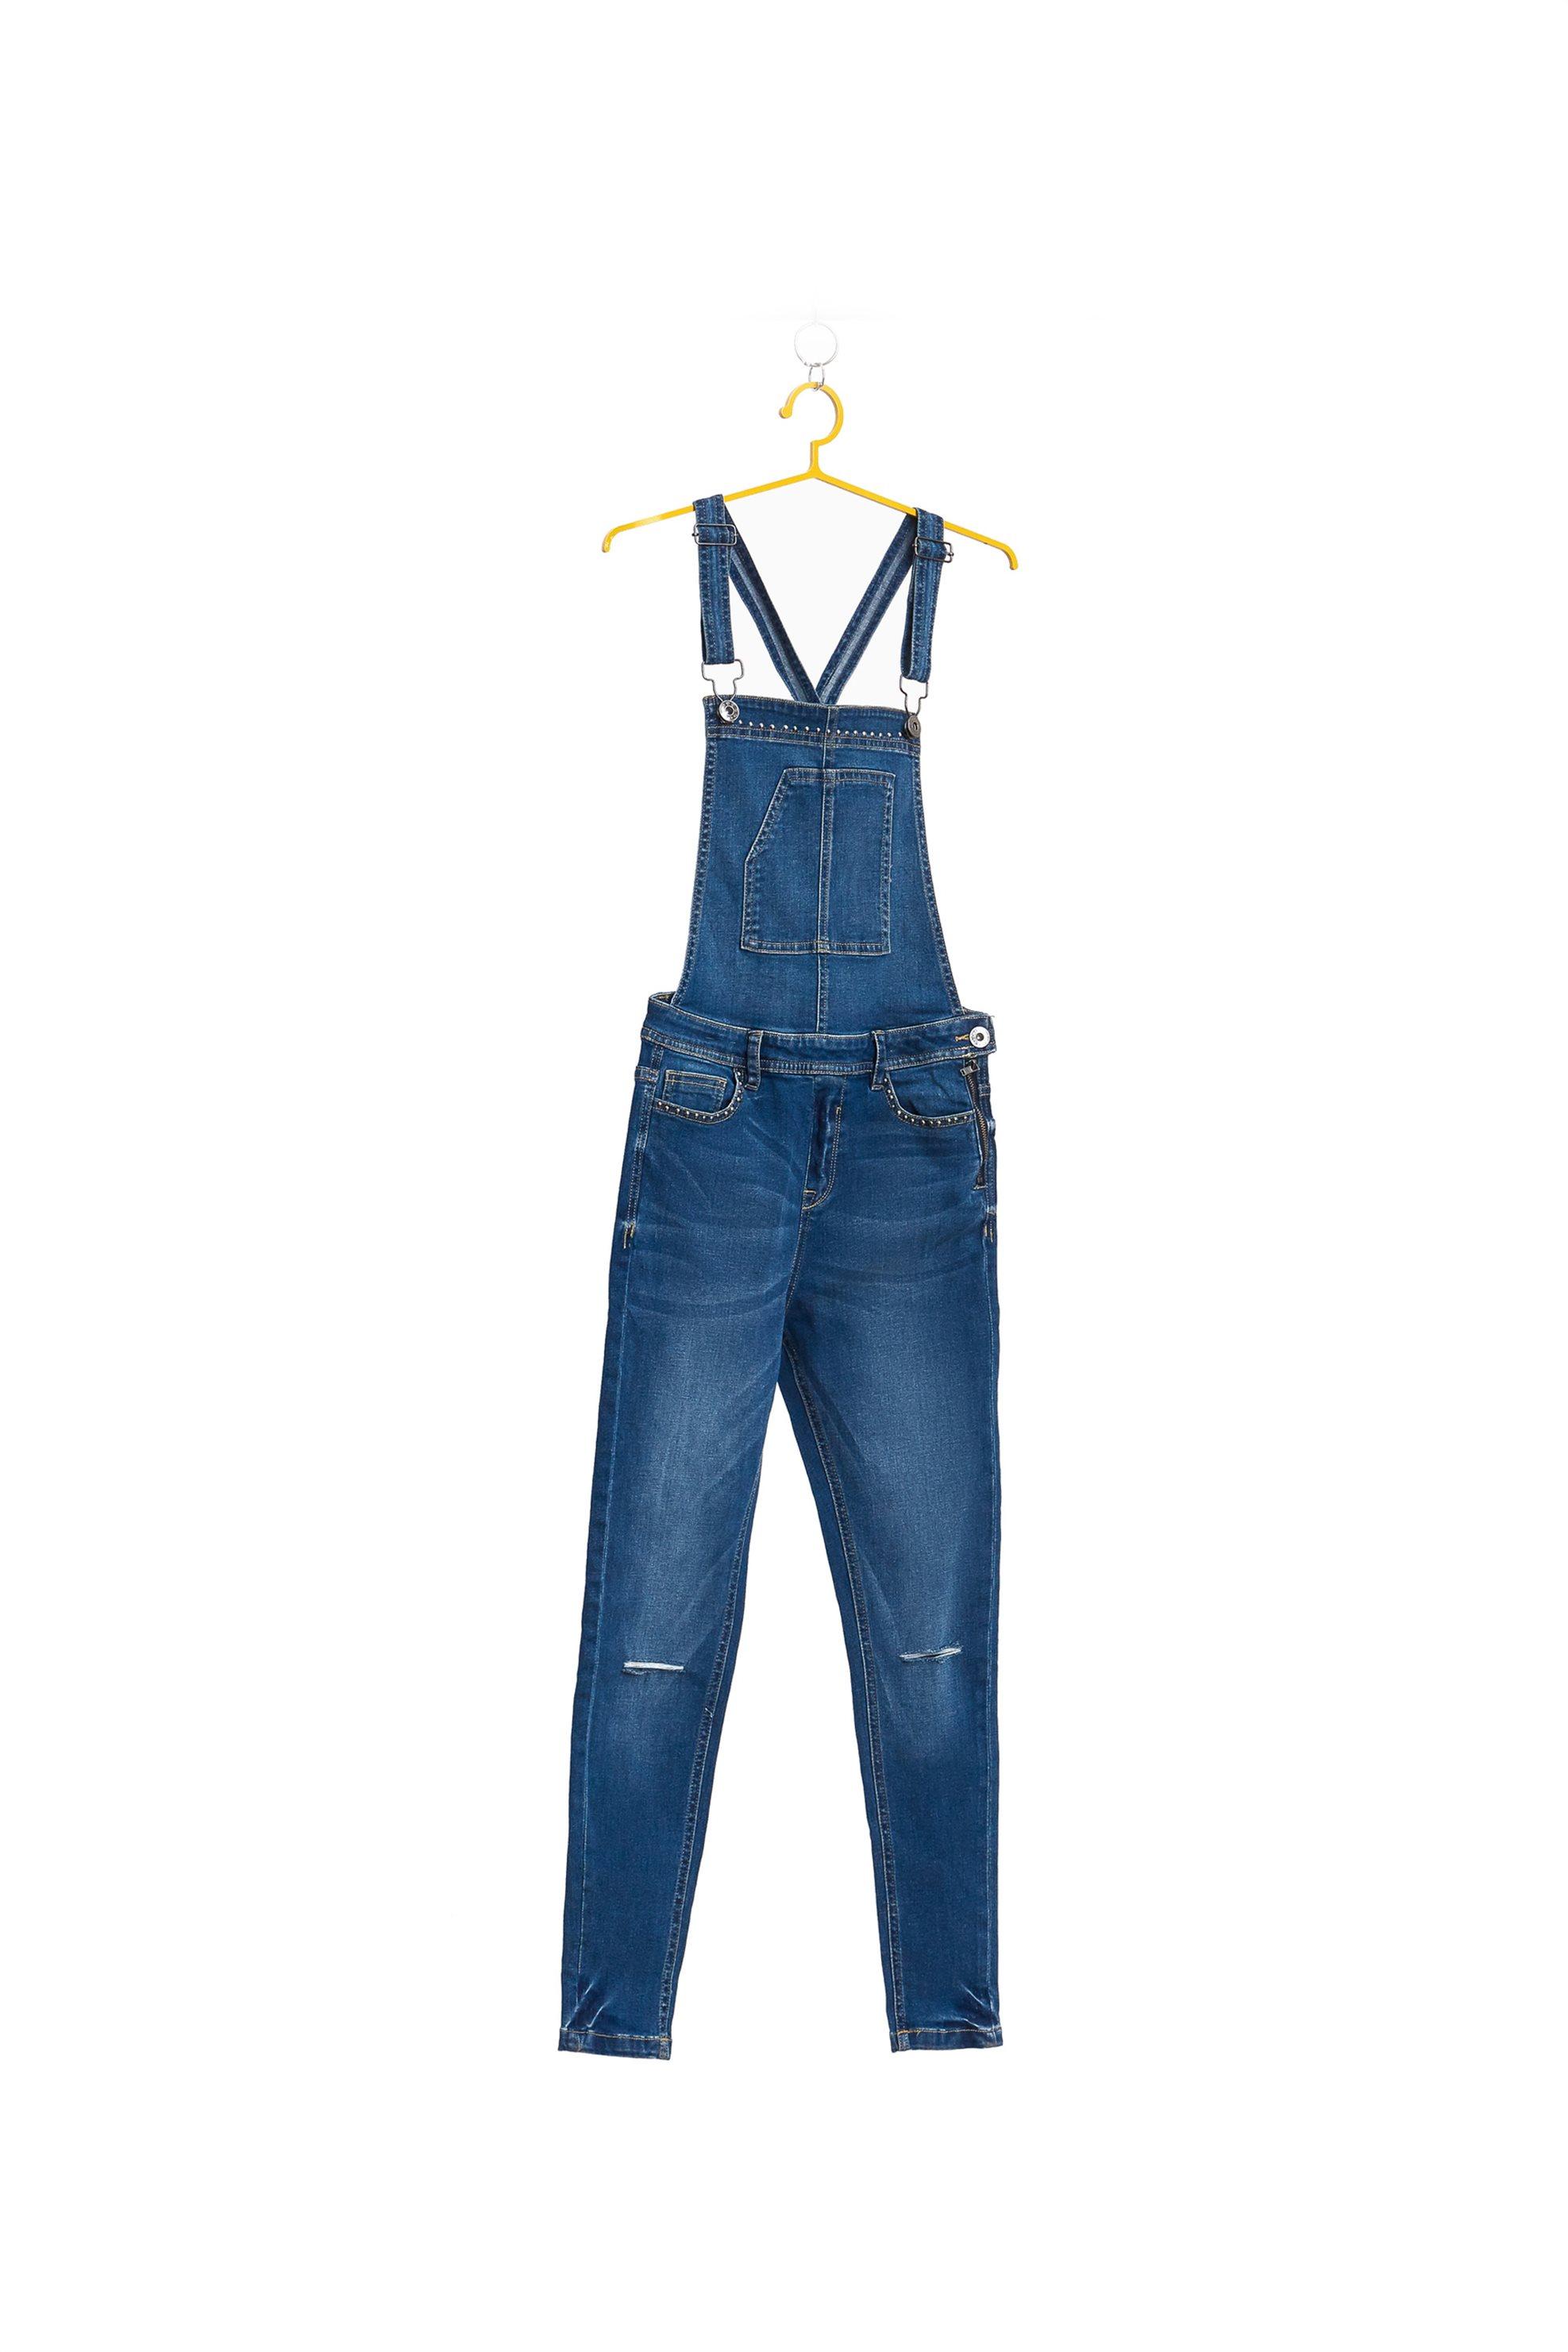 Παιδική σαλοπέτα μακριά OVS - 000154431 - Μπλε Σκούρο παιδι   κοριτσι   4 14 ετων   tops   παντελόνια   σαλοπέτες   παντελόνια   jeans